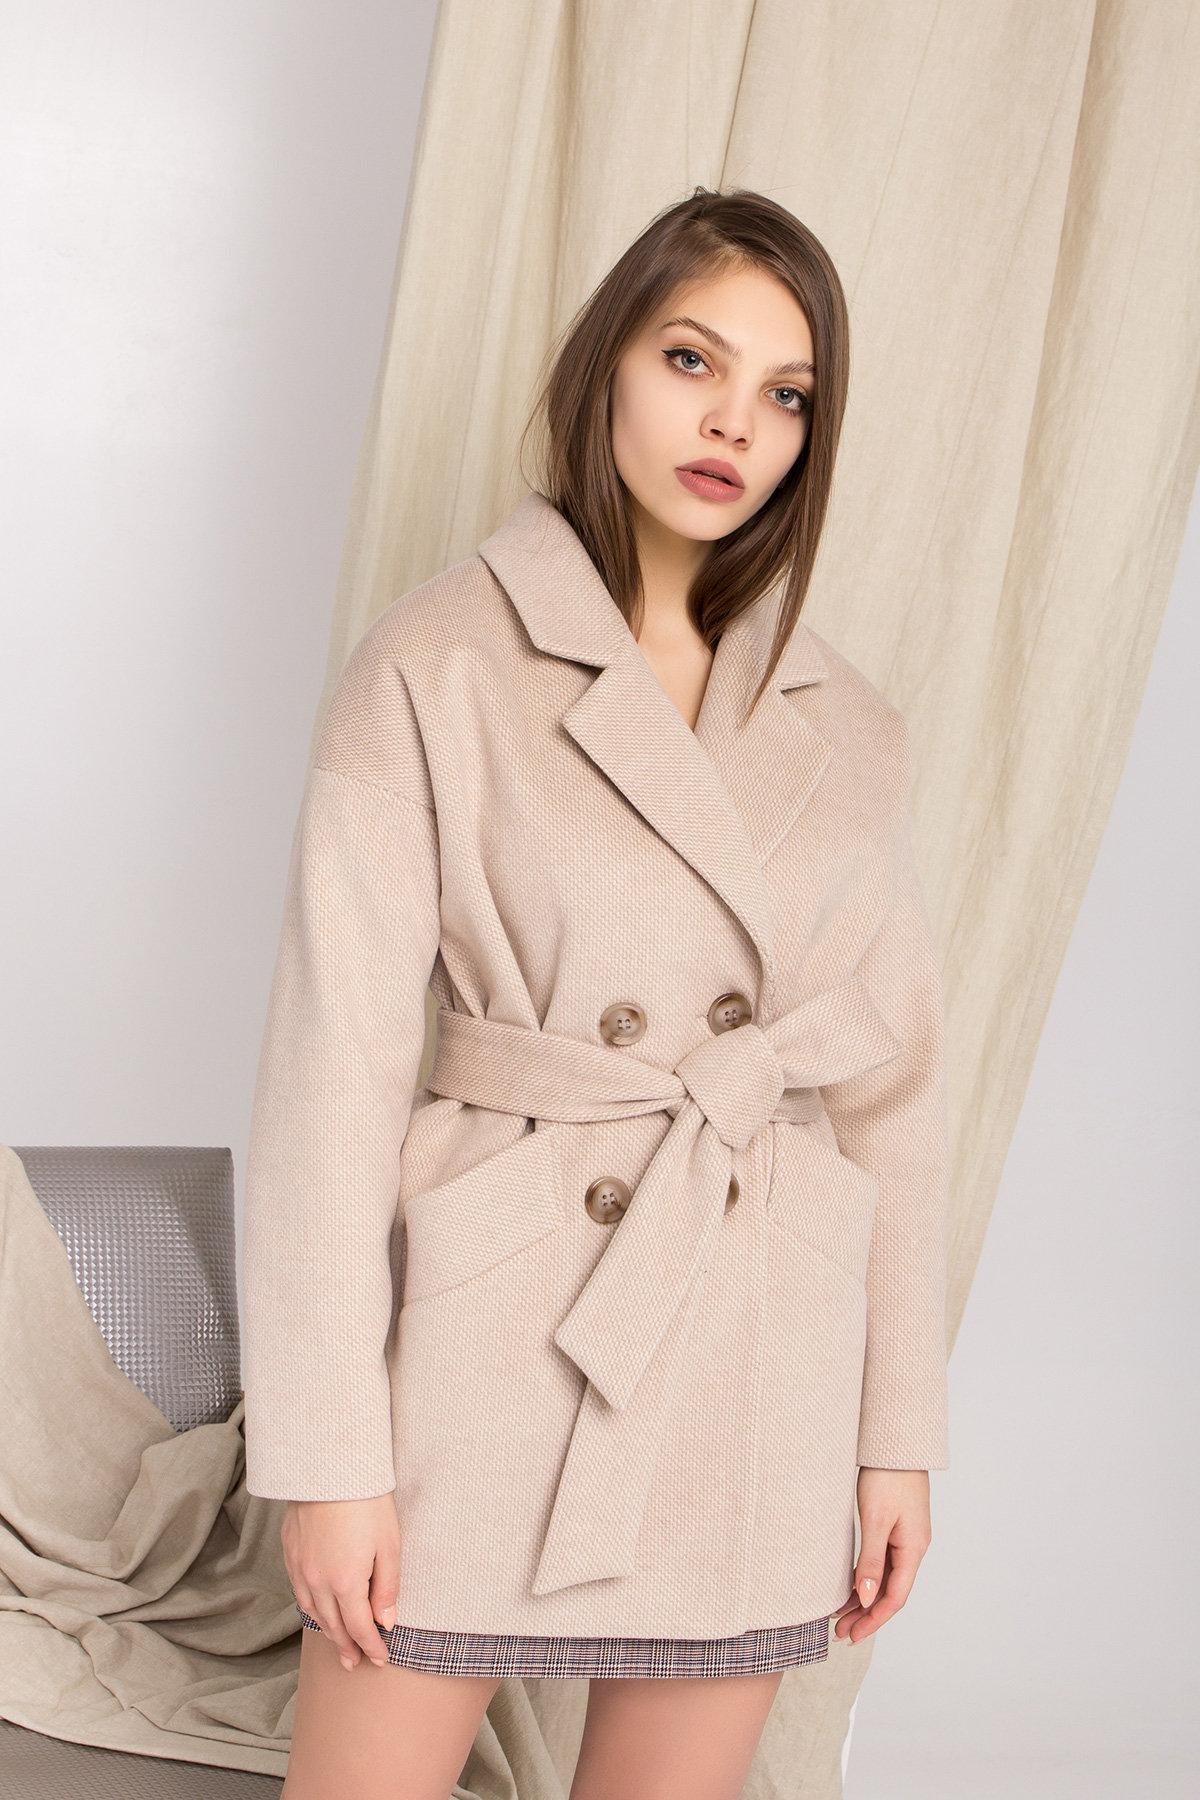 Демисезонное двубортное пальто Бонд 8927 АРТ. 45227 Цвет: Бежевый Светлый - фото 8, интернет магазин tm-modus.ru